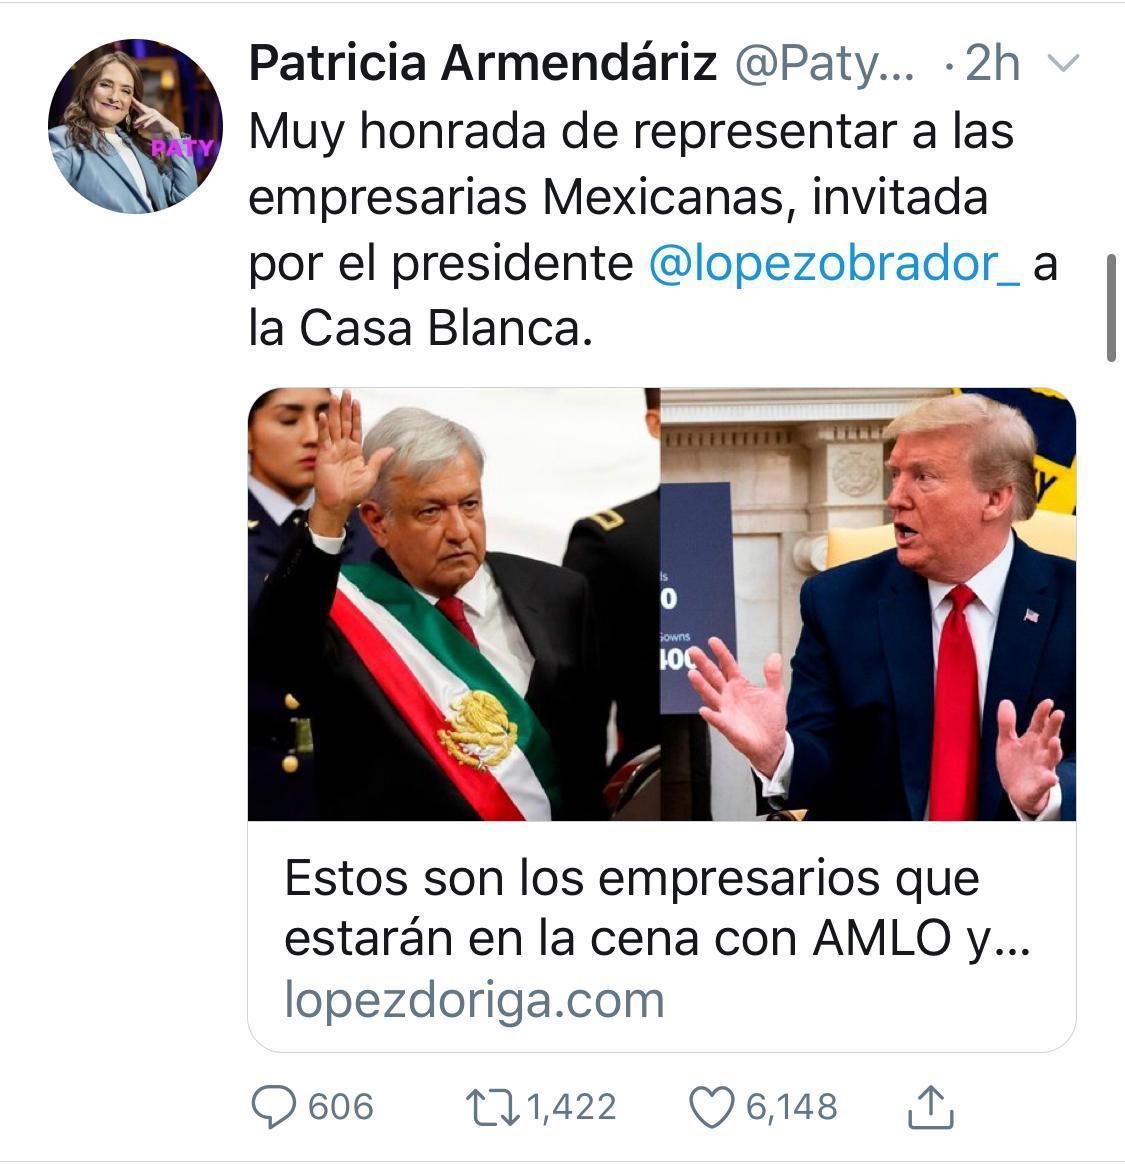 Atiende los contagios, responde Cisneros a Yunes tras equivocarse en Twitter